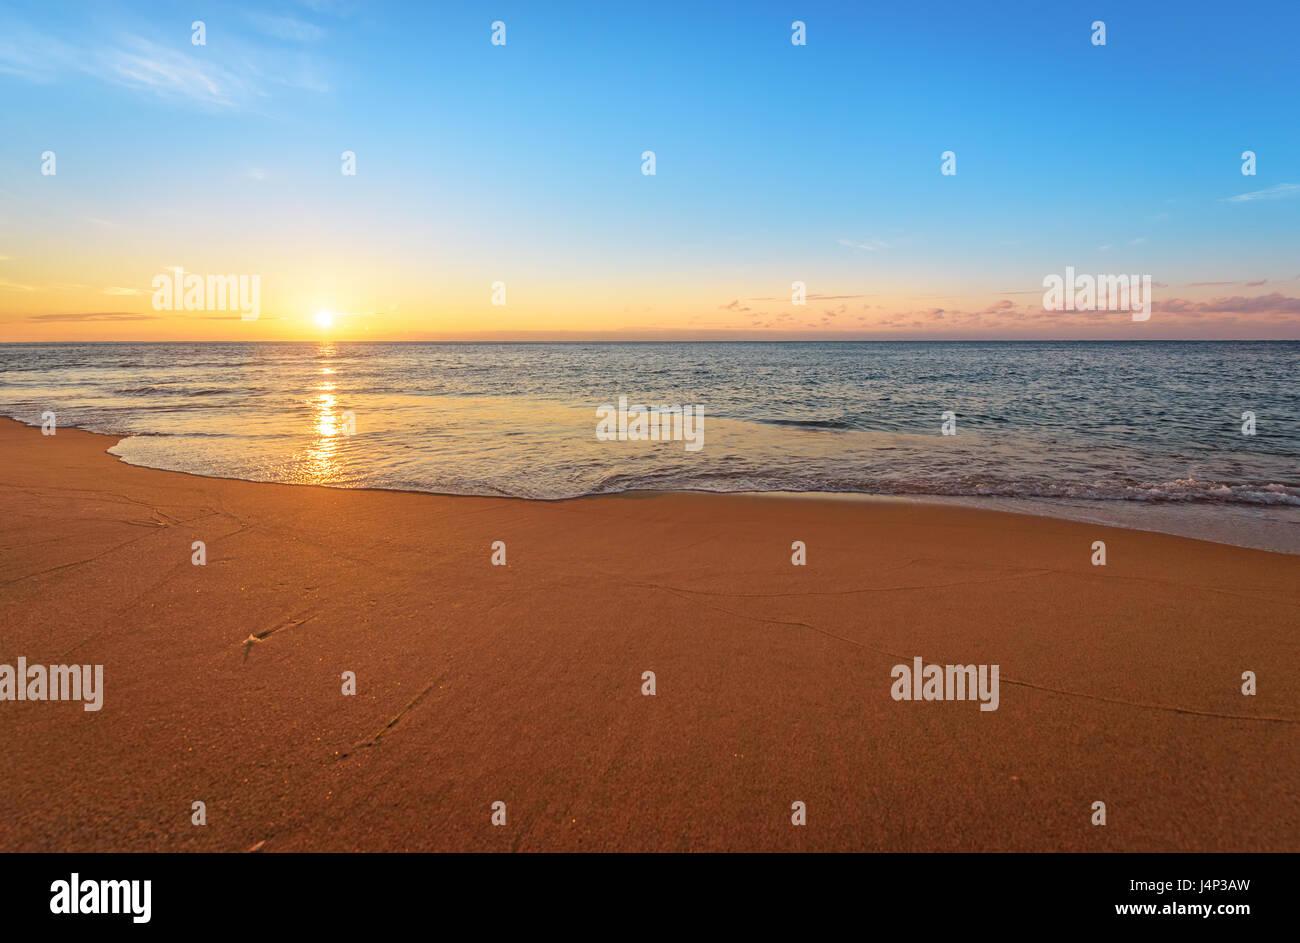 Con preciosas vistas al mar en la mañana. Golden Sands. Foto de stock